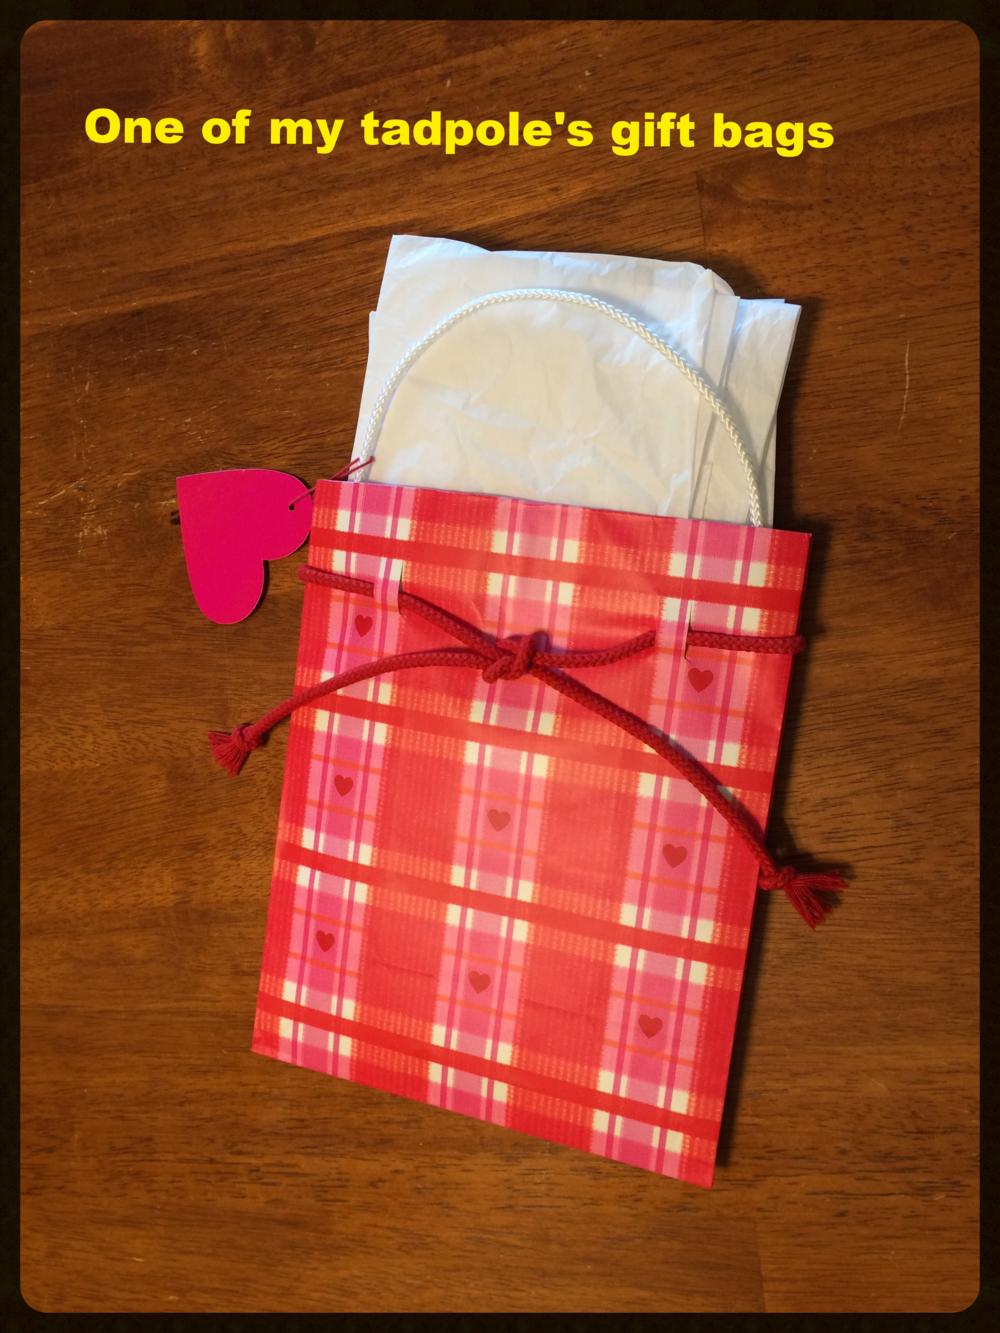 gift bag 2 9-21-15.JPG